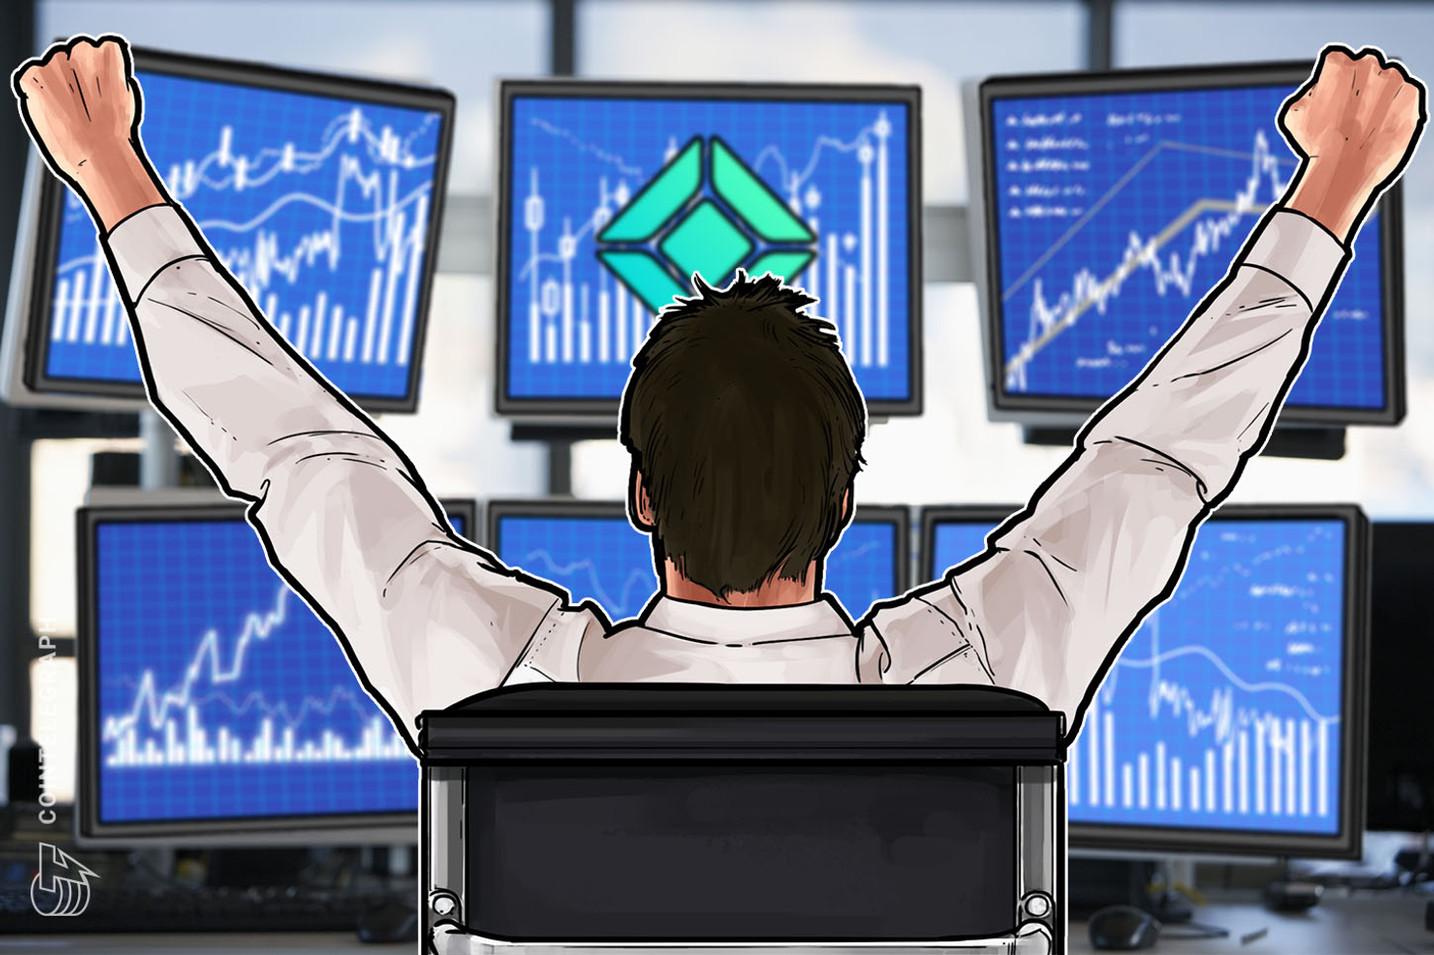 コインチェック蓮尾社長「仮想通貨を新しいアセットクラスに」 | レバレッジ取引終了の理由も語る【ニュース】